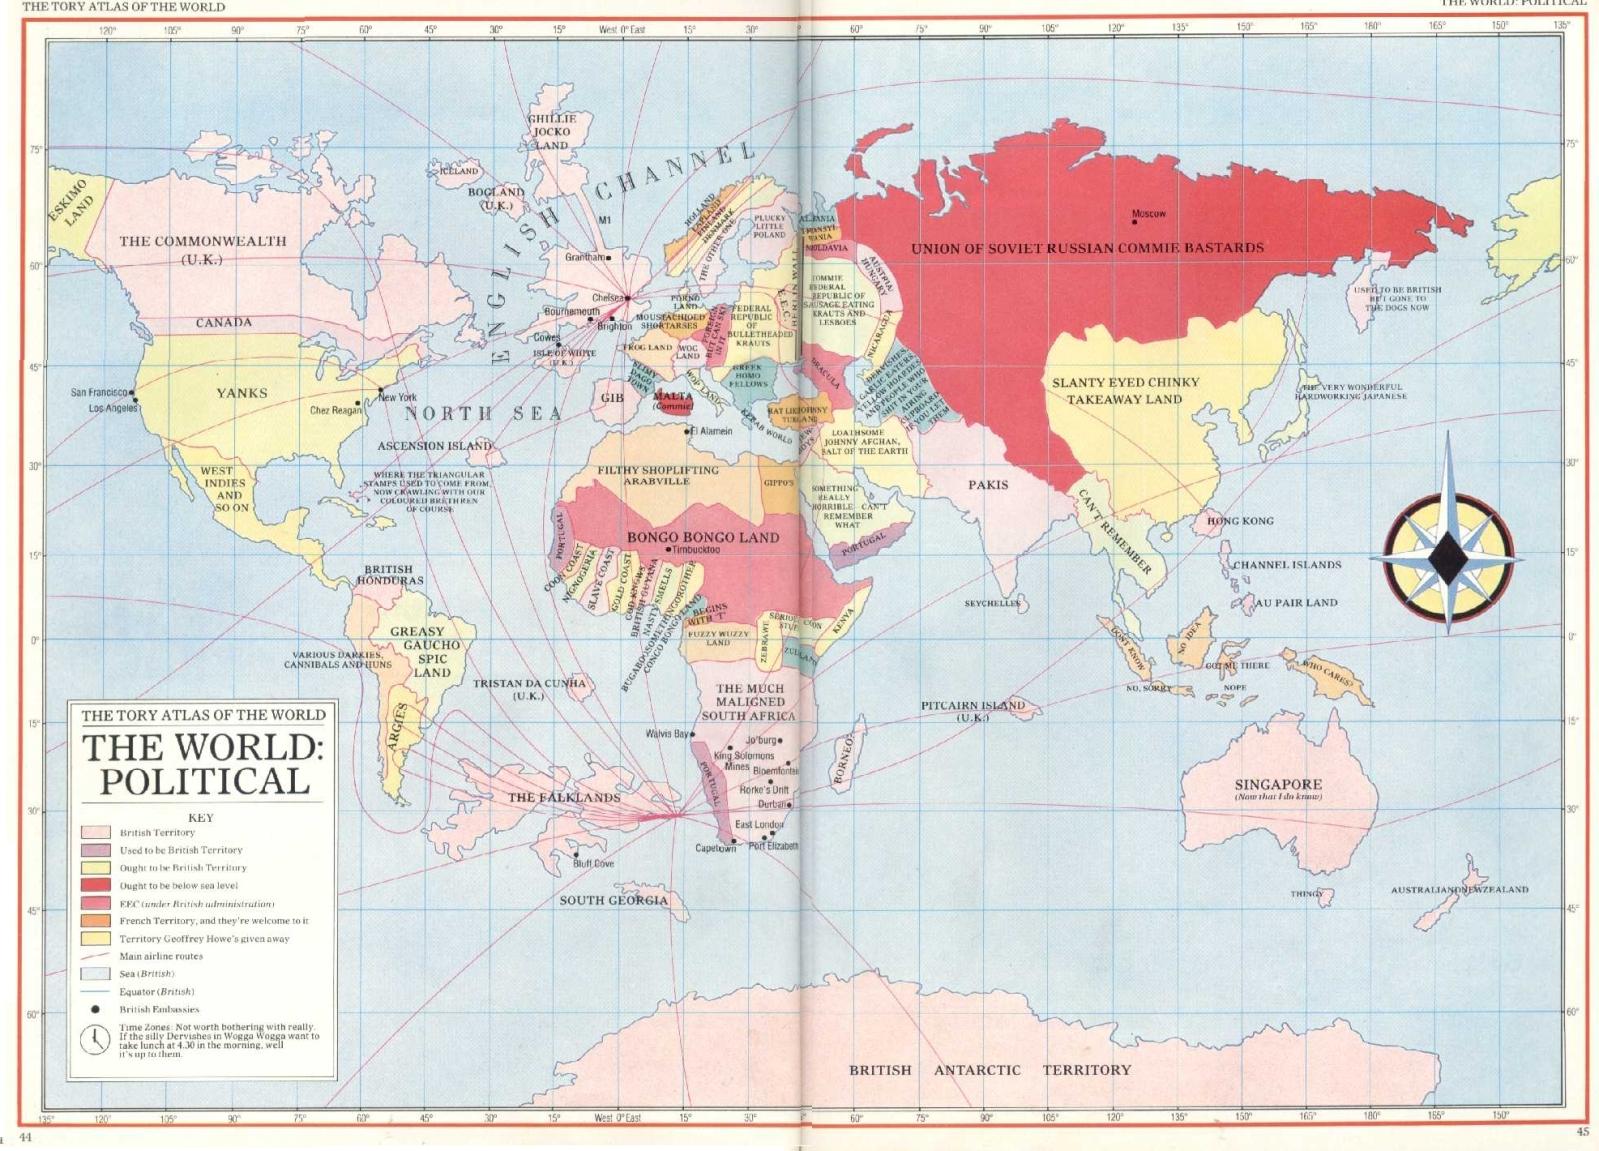 Tory atlas